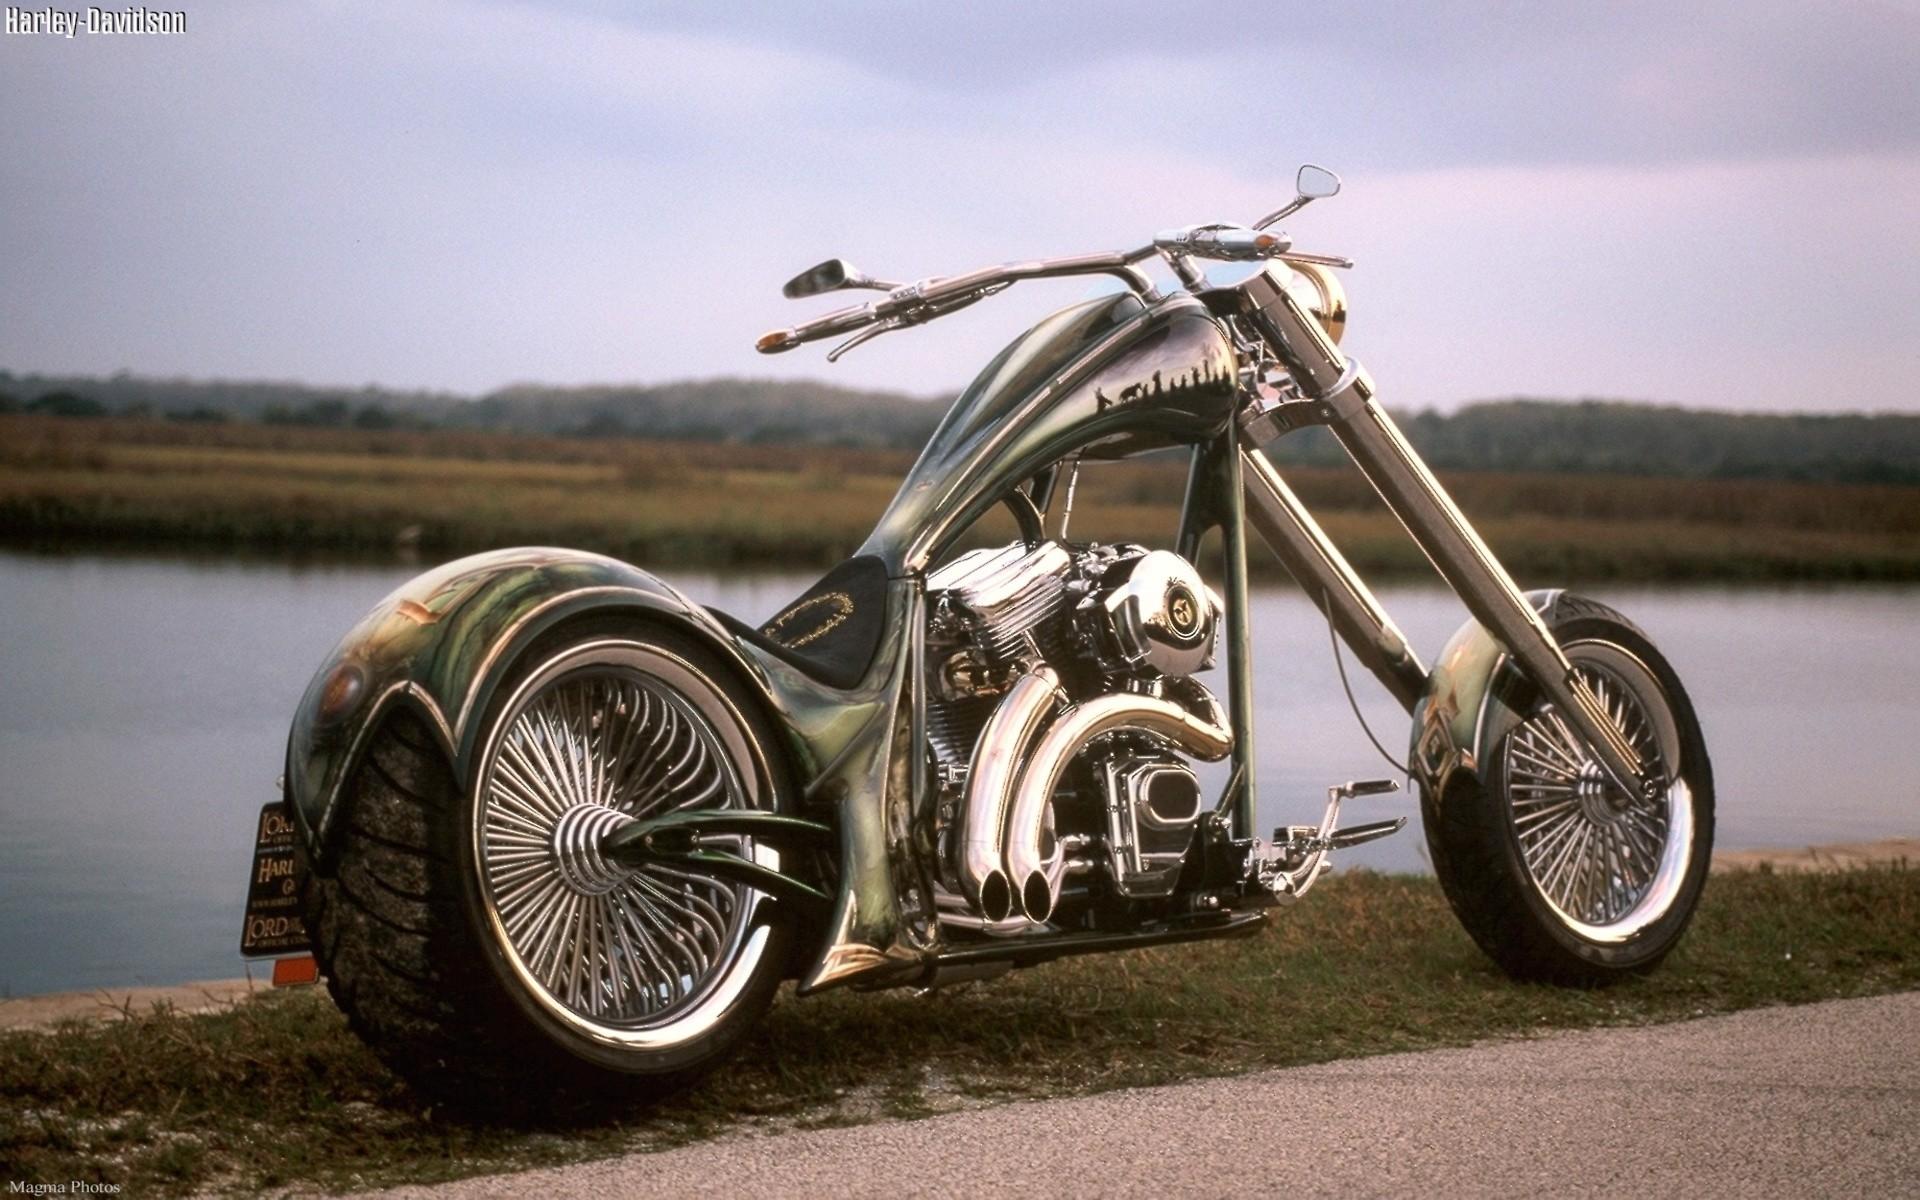 1920x1080 Harley Davidson Bike 8